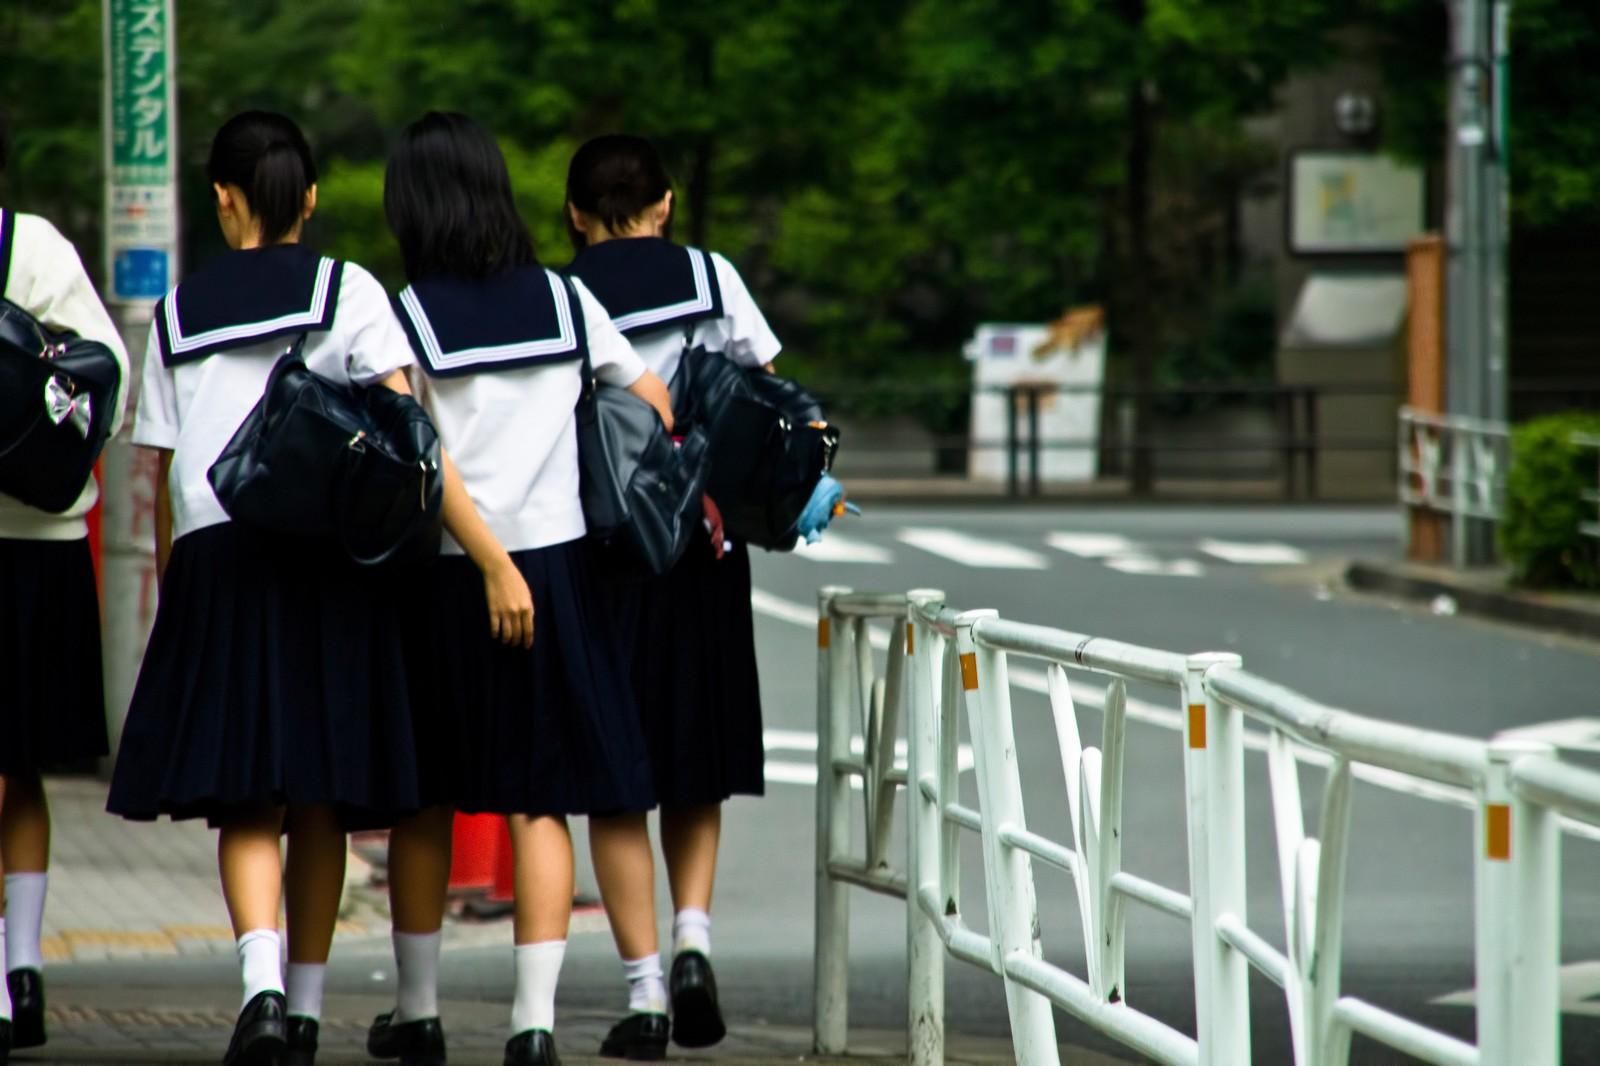 鹿児島 刺傷事件 女子高生 男子 中学生 誰 動機 画像